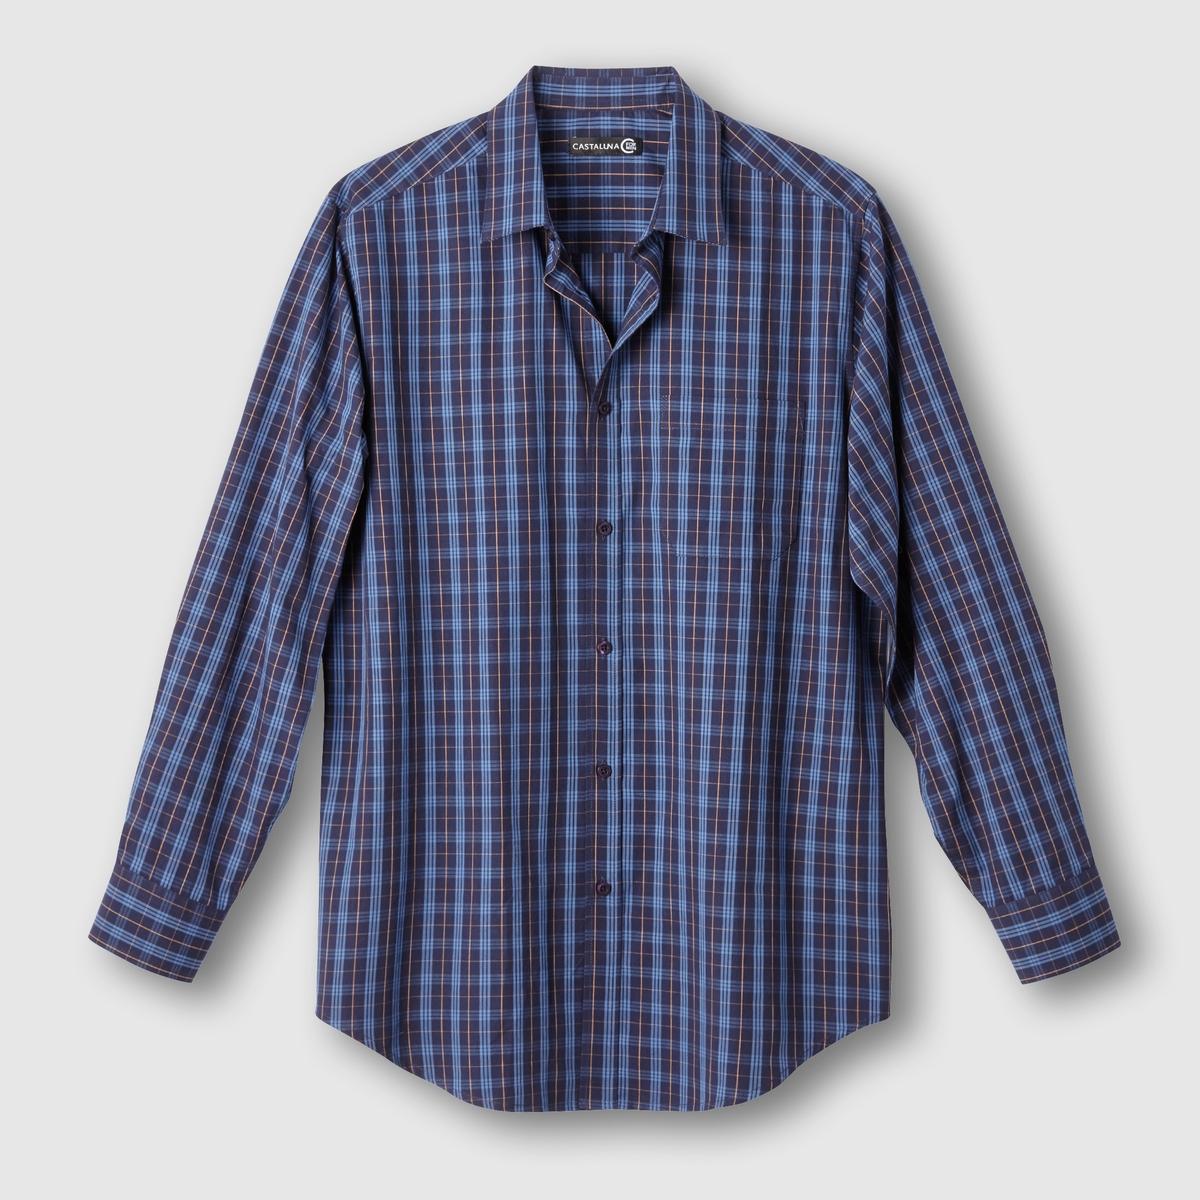 Рубашка в клеткуРубашка в клетку. Длинные рукава. Воротник со свободными уголками. 1 нагрудный карман. 2 складки на спине. Закругленный низ. Рисунок в клетку крашеной нитью,  100% хлопка. Длина: 85 см.<br><br>Цвет: в клетку темно-синий